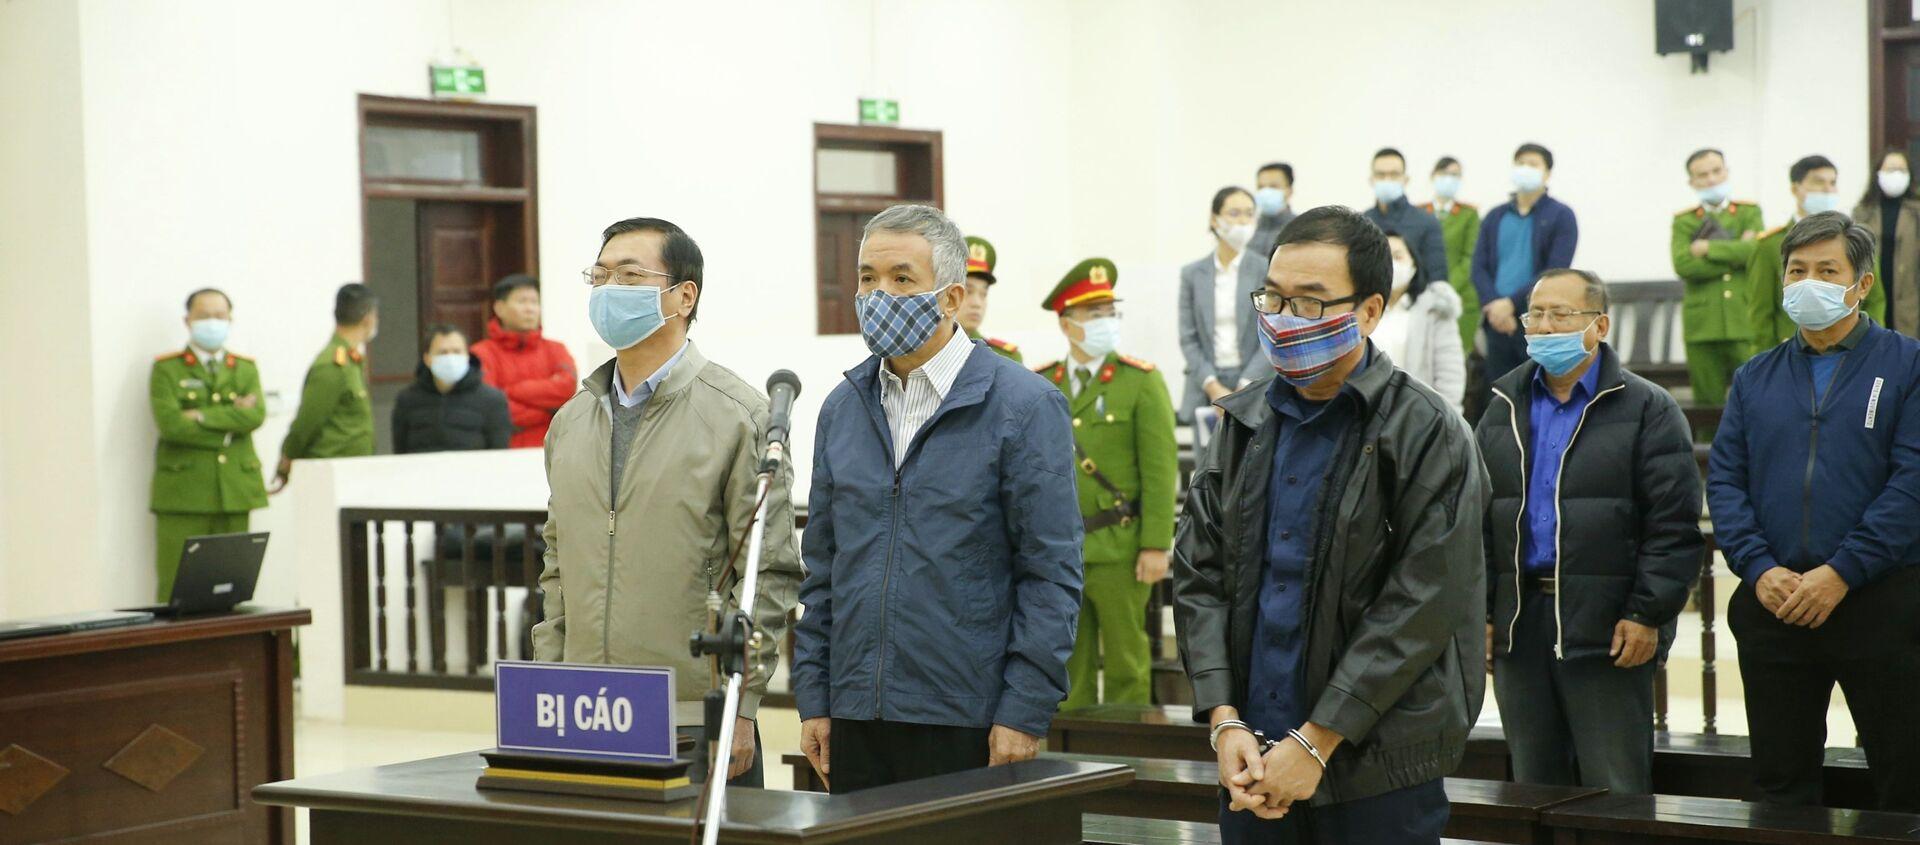 Bị cáo Vũ Huy Hoàng khai báo trước Hội đồng xét xử - Sputnik Việt Nam, 1920, 07.01.2021